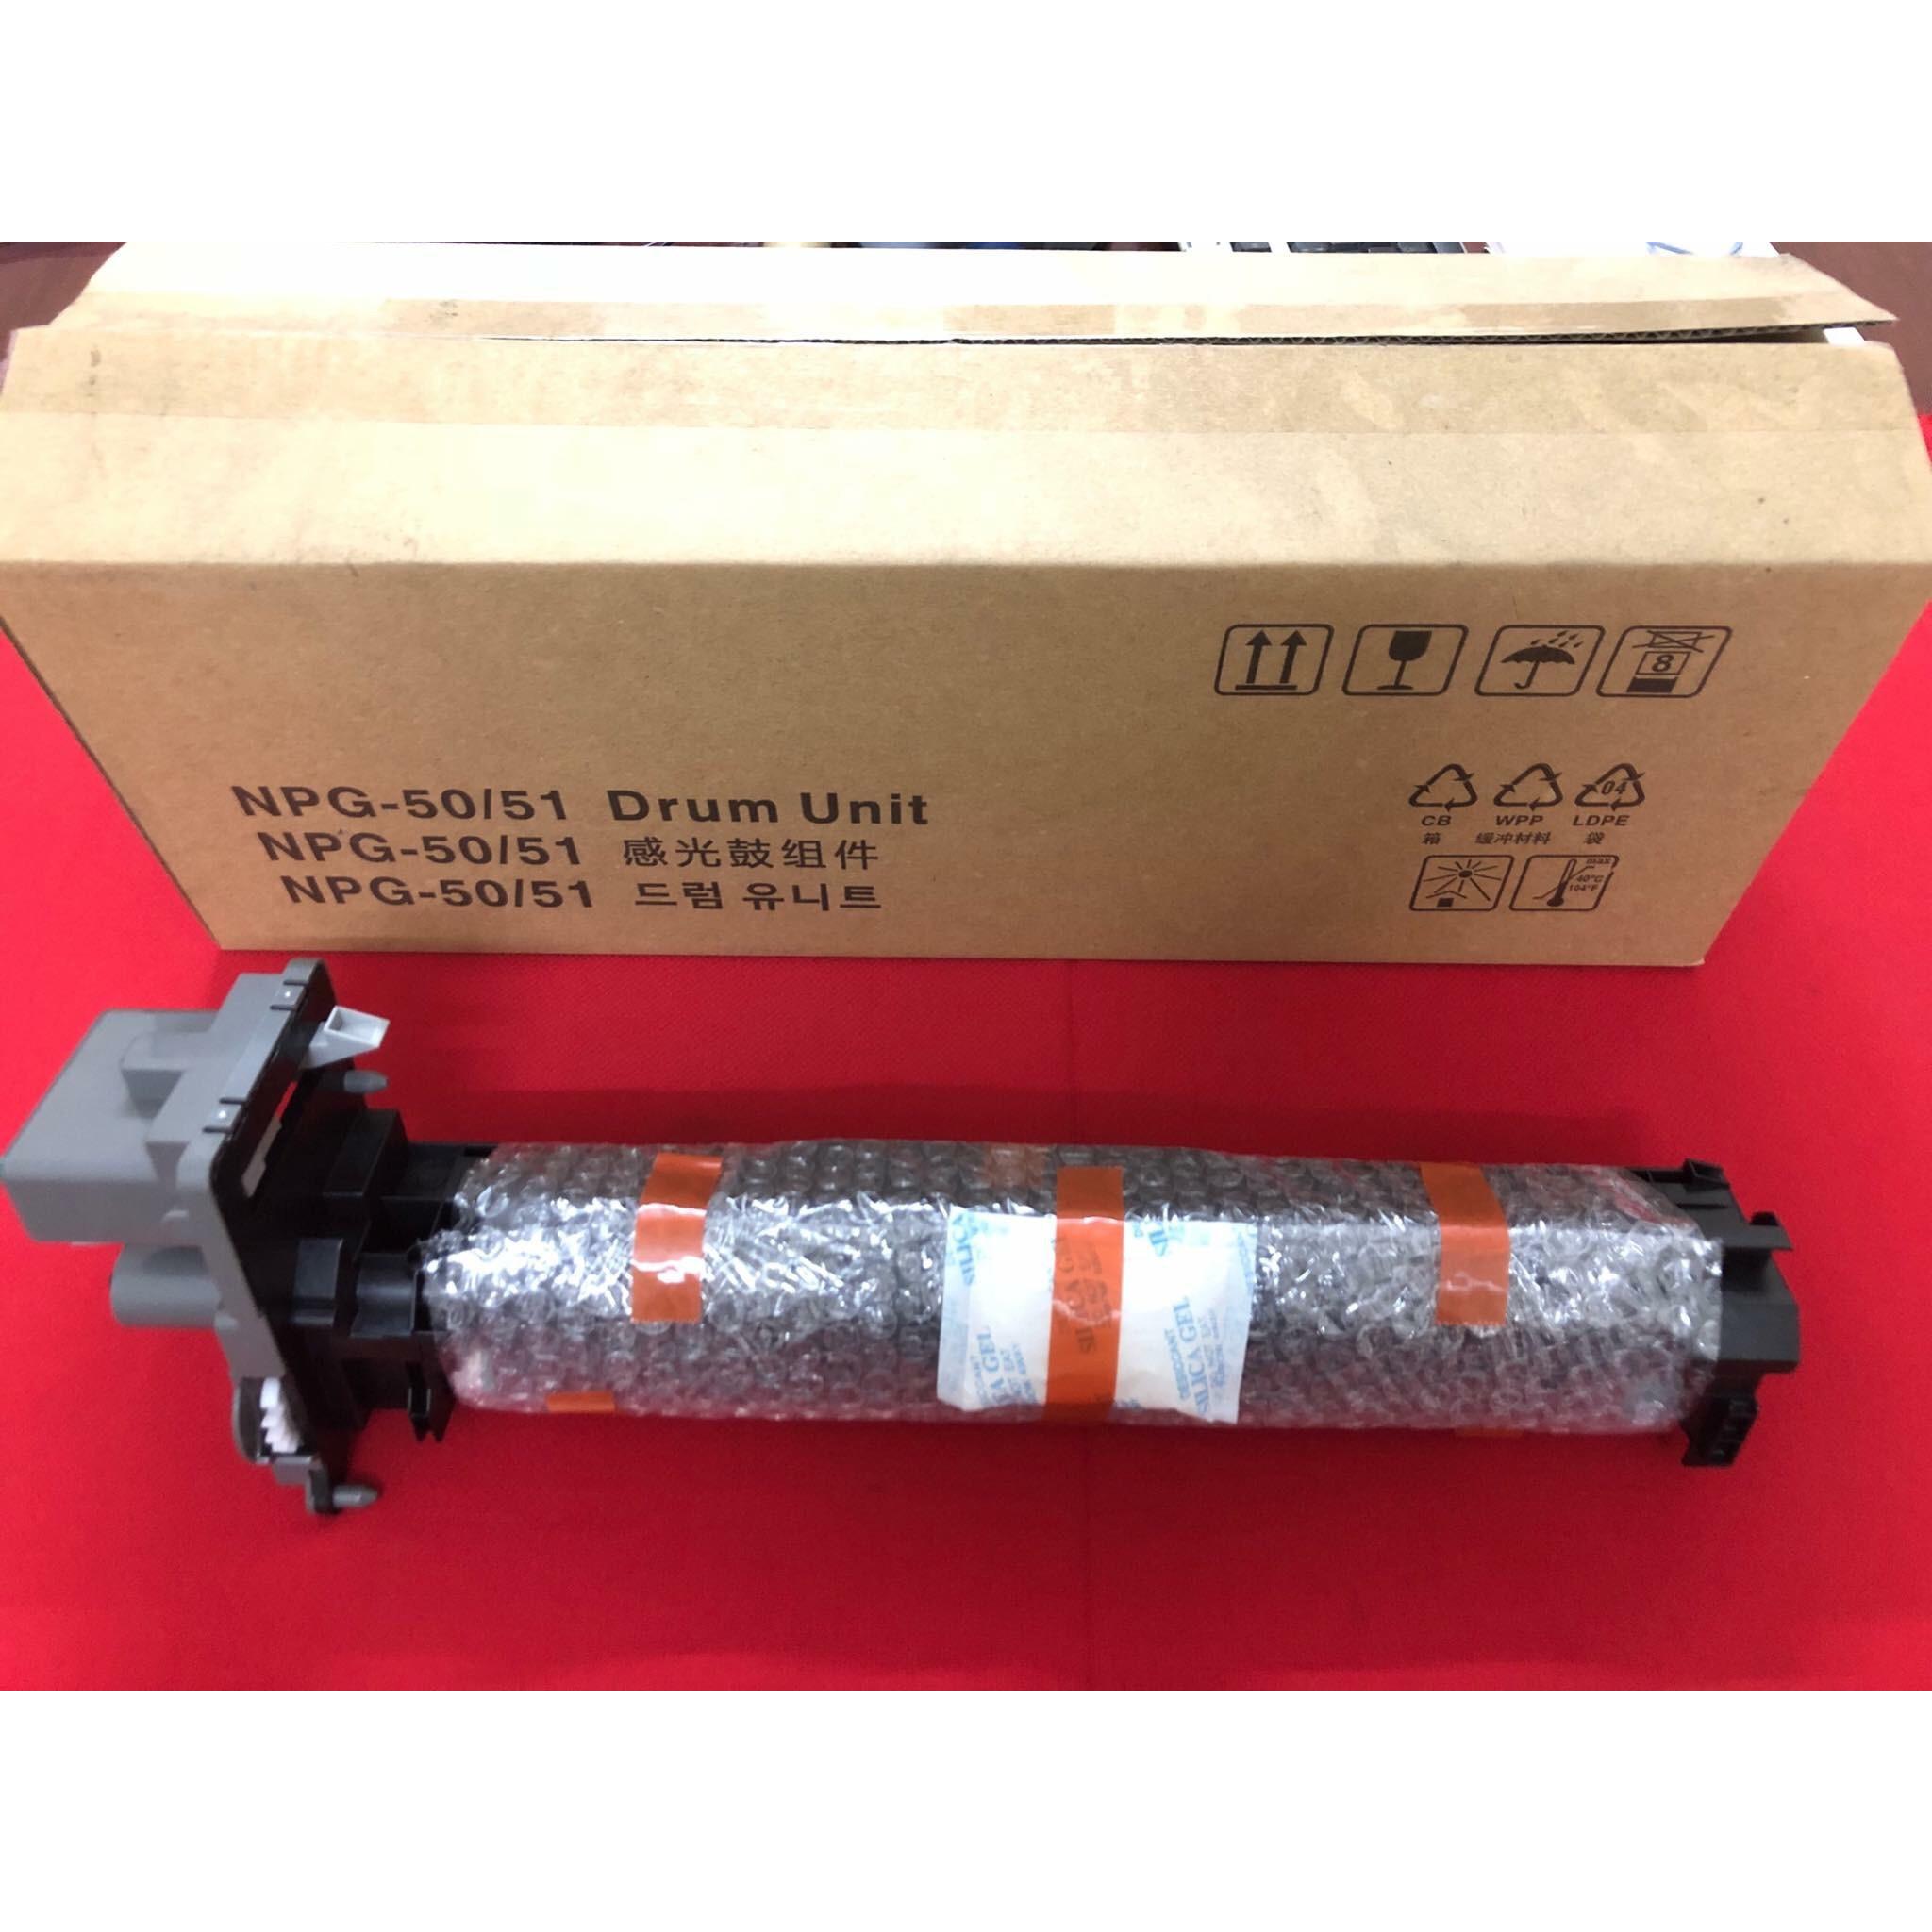 Cụm trống ( Drum Cartridge ) 51 dùng cho máy Photocopy IR-2520, 2525, 2530, 2535, 2545